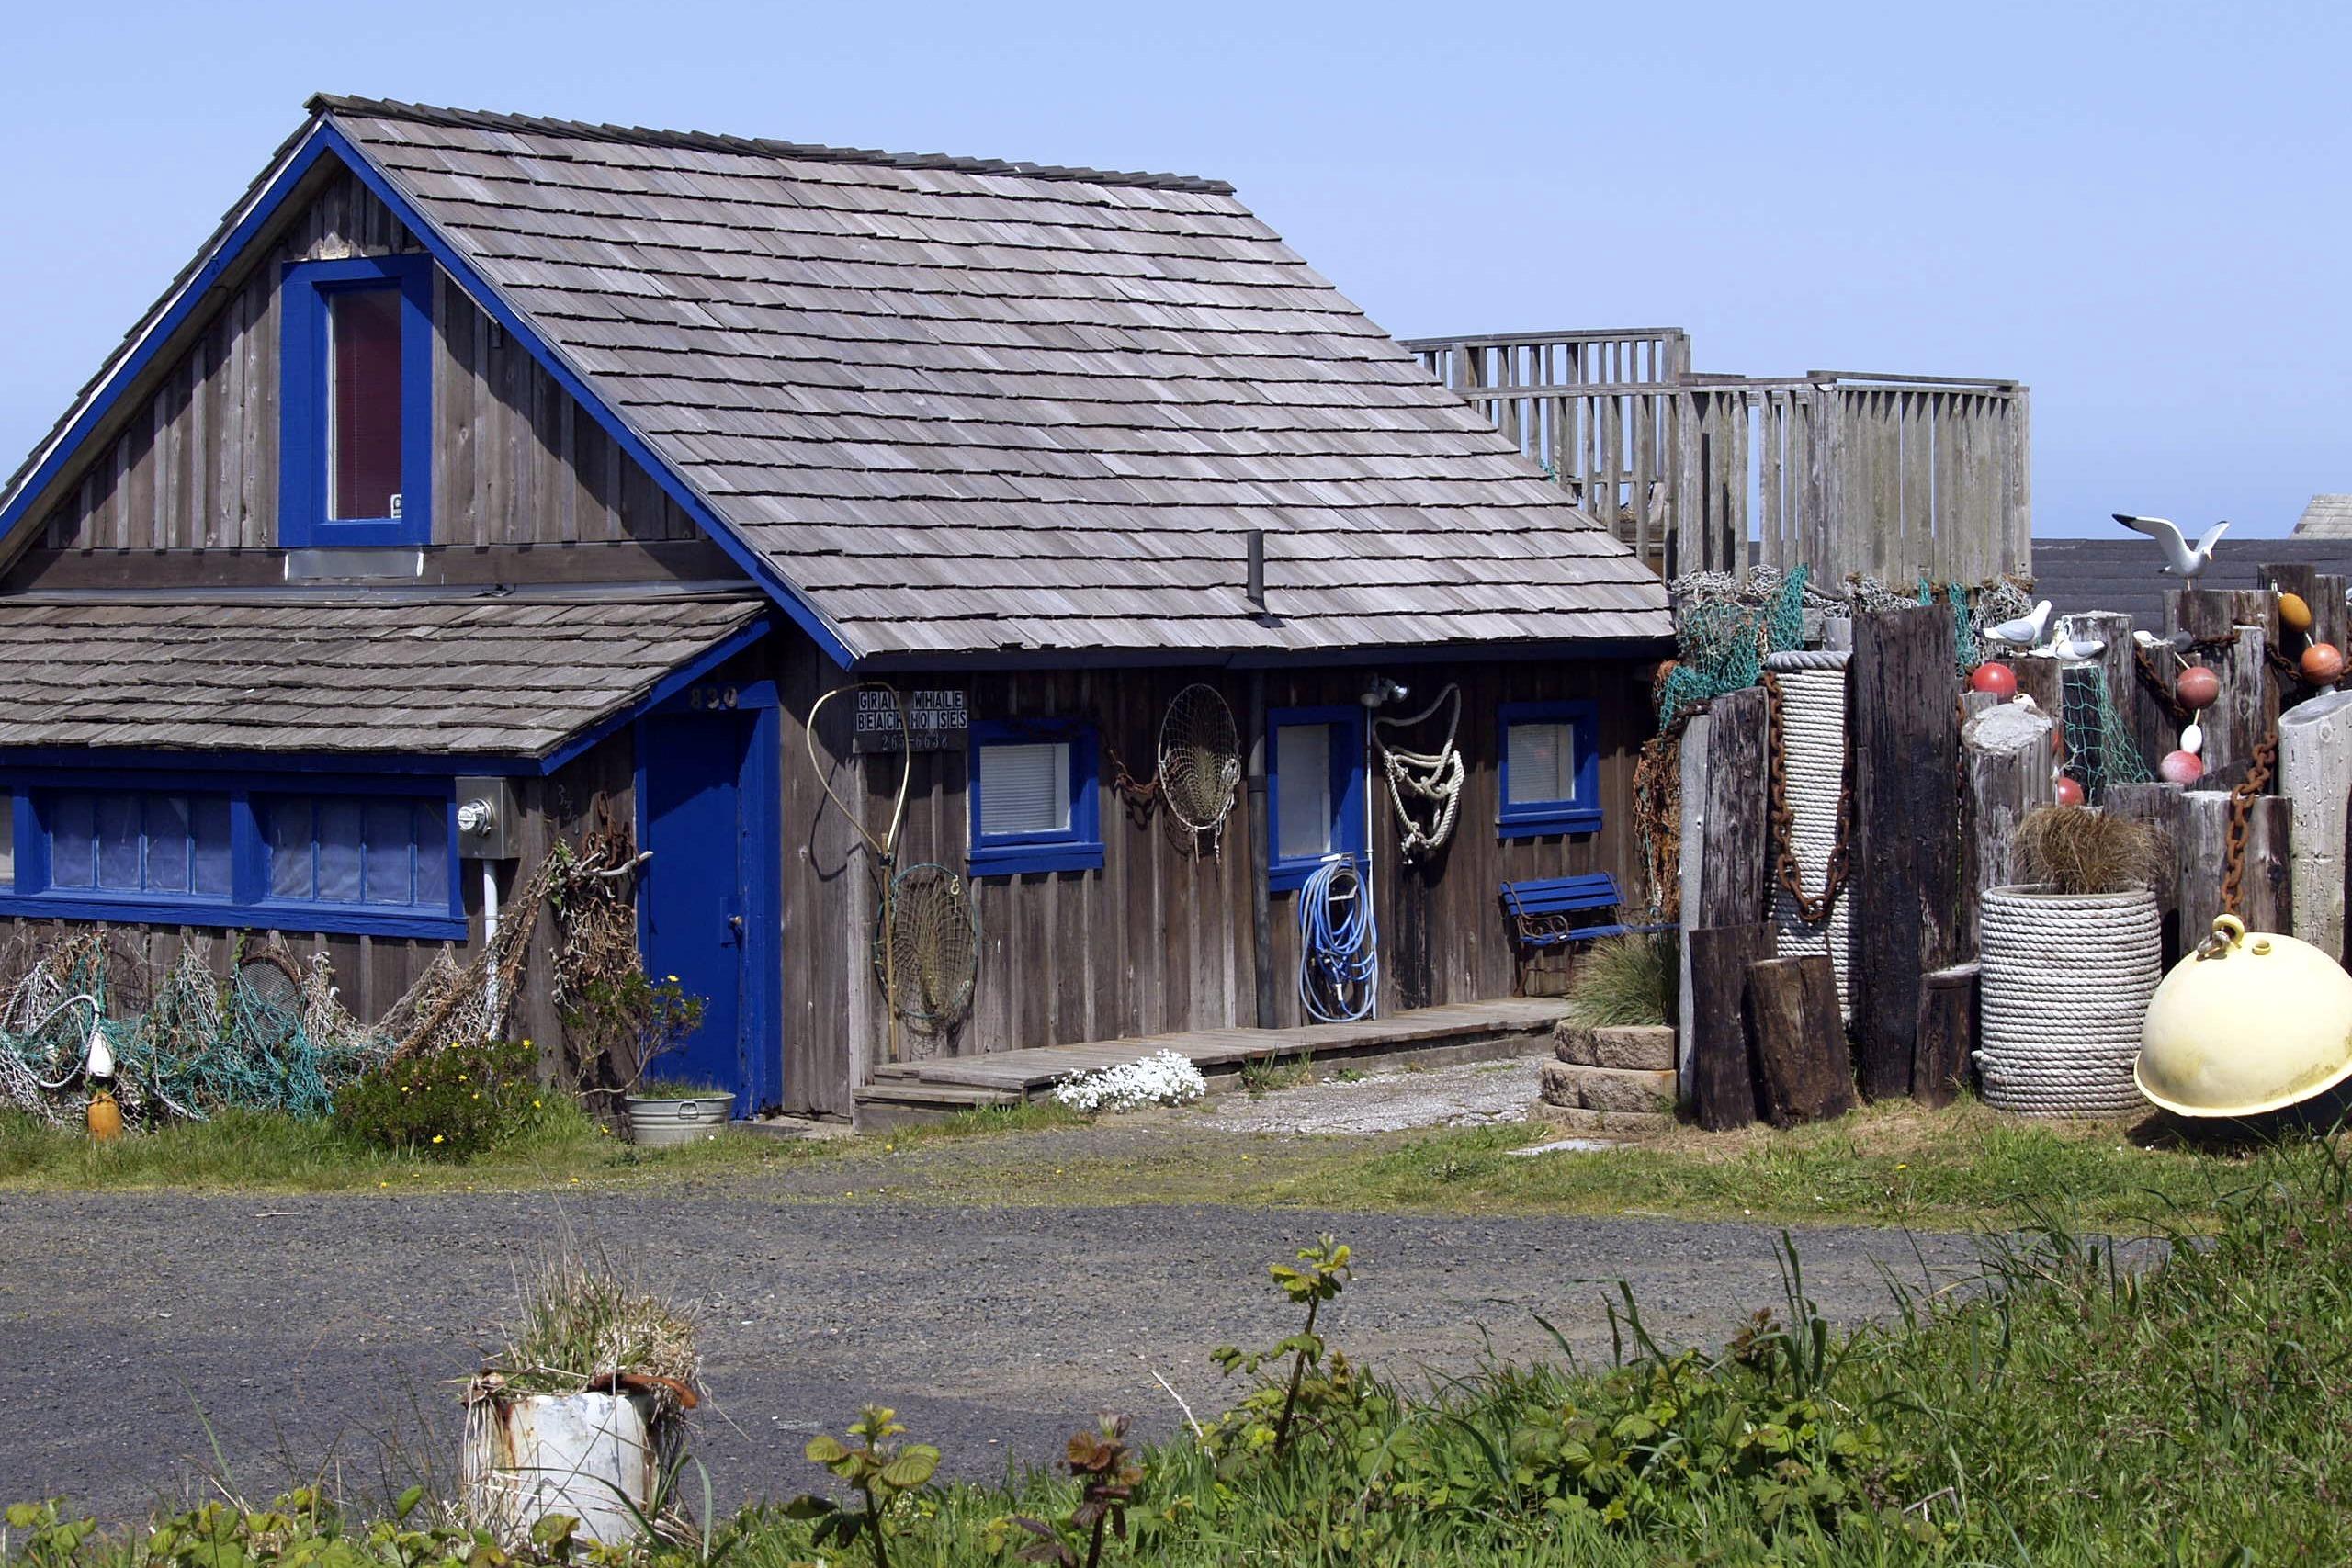 Kostenlose foto : Dock, Bauernhof, Haus, Gebäude, Zuhause, Seebrücke ...